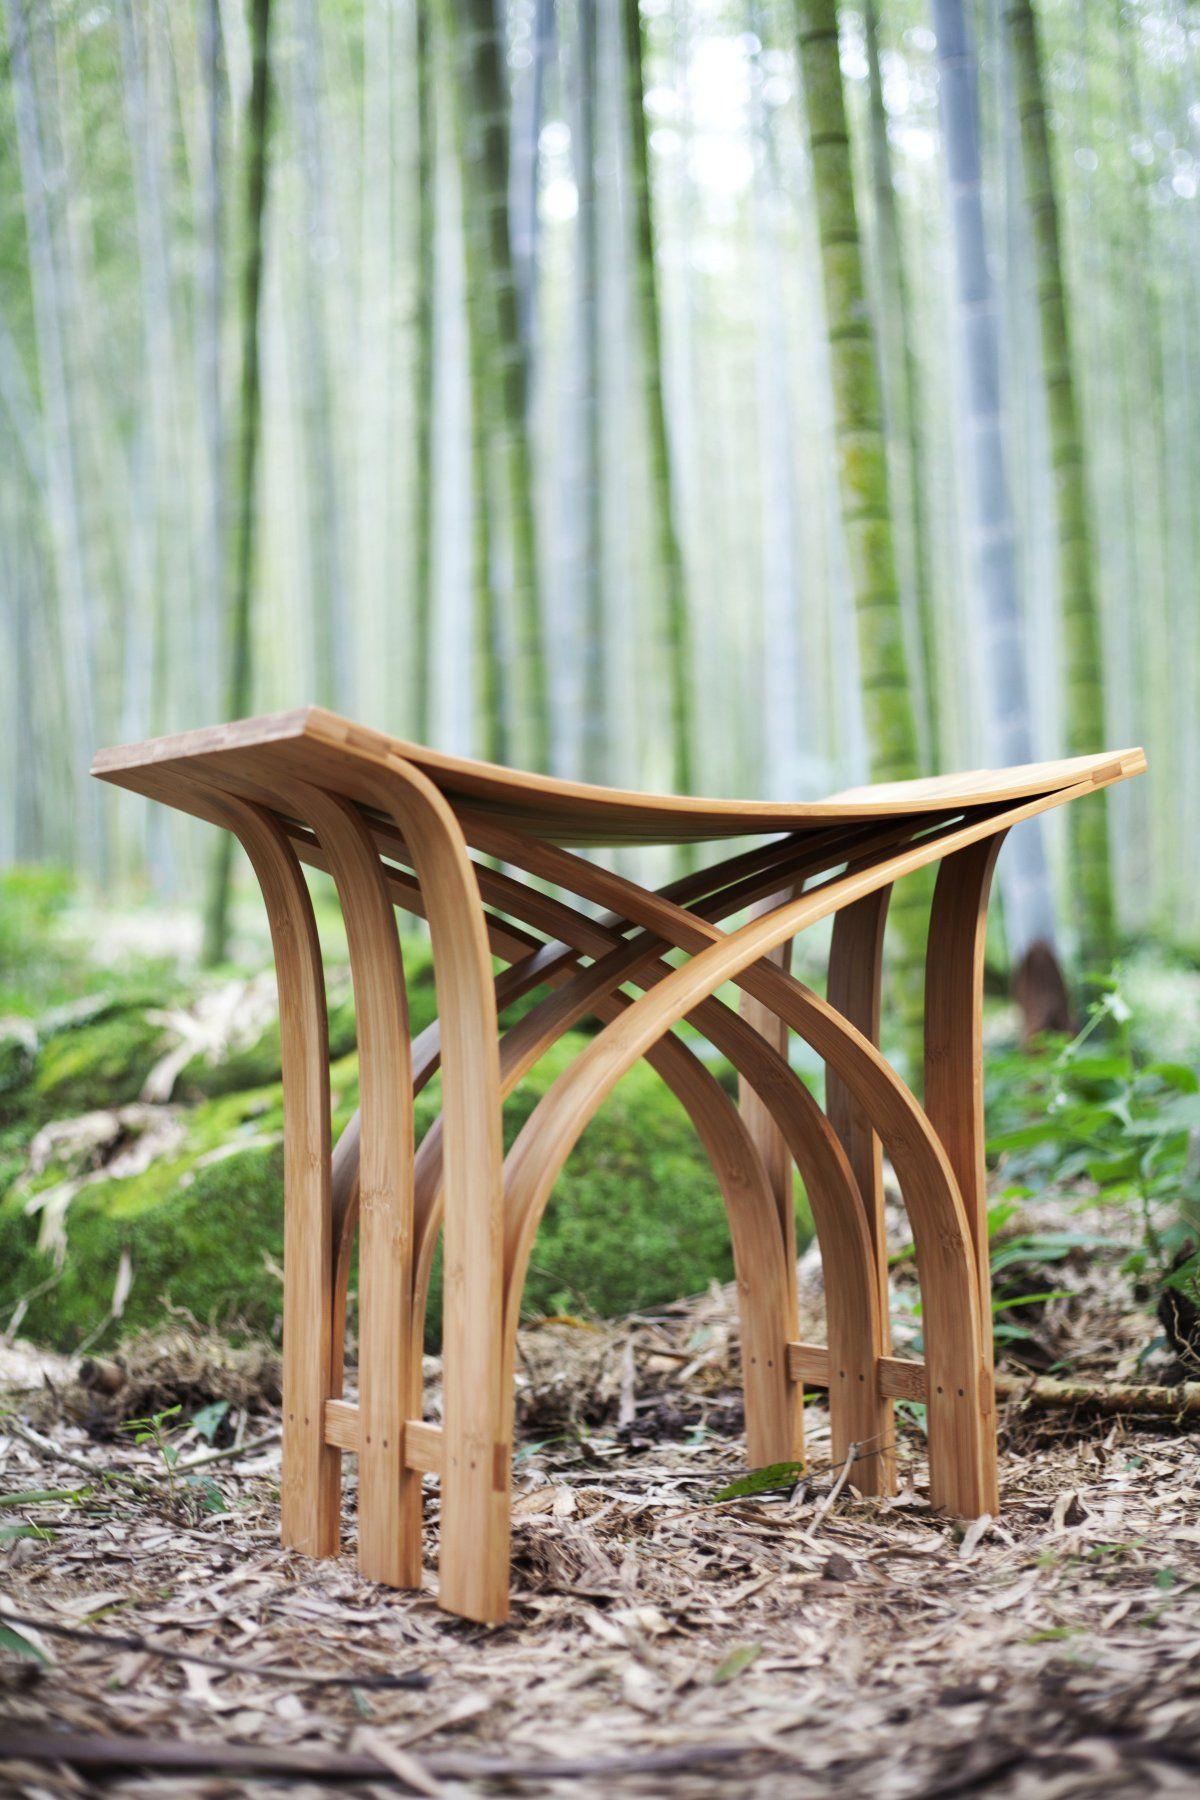 image quarter bamboo bathroom stool bamboo stool  gcucine design visite o nosso site www